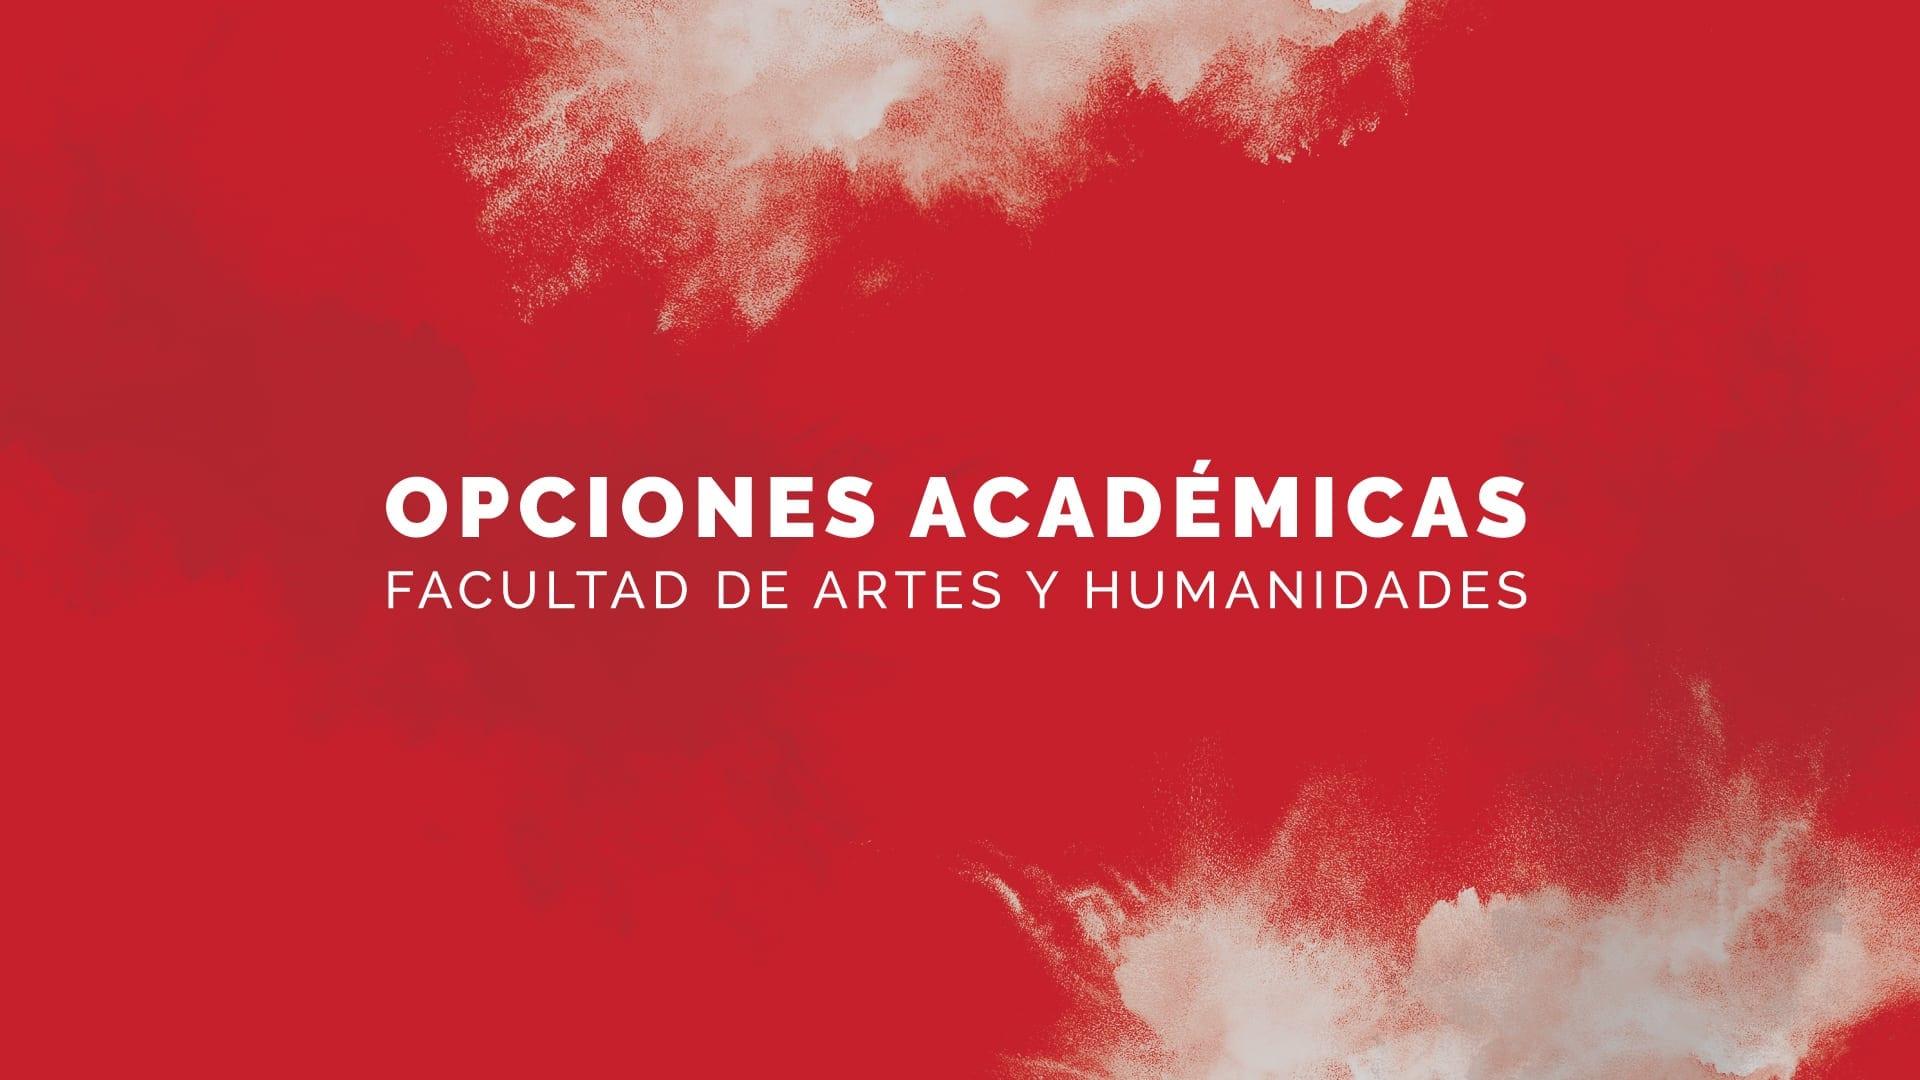 Opciones académicas Facultad de Artes y Humanidades